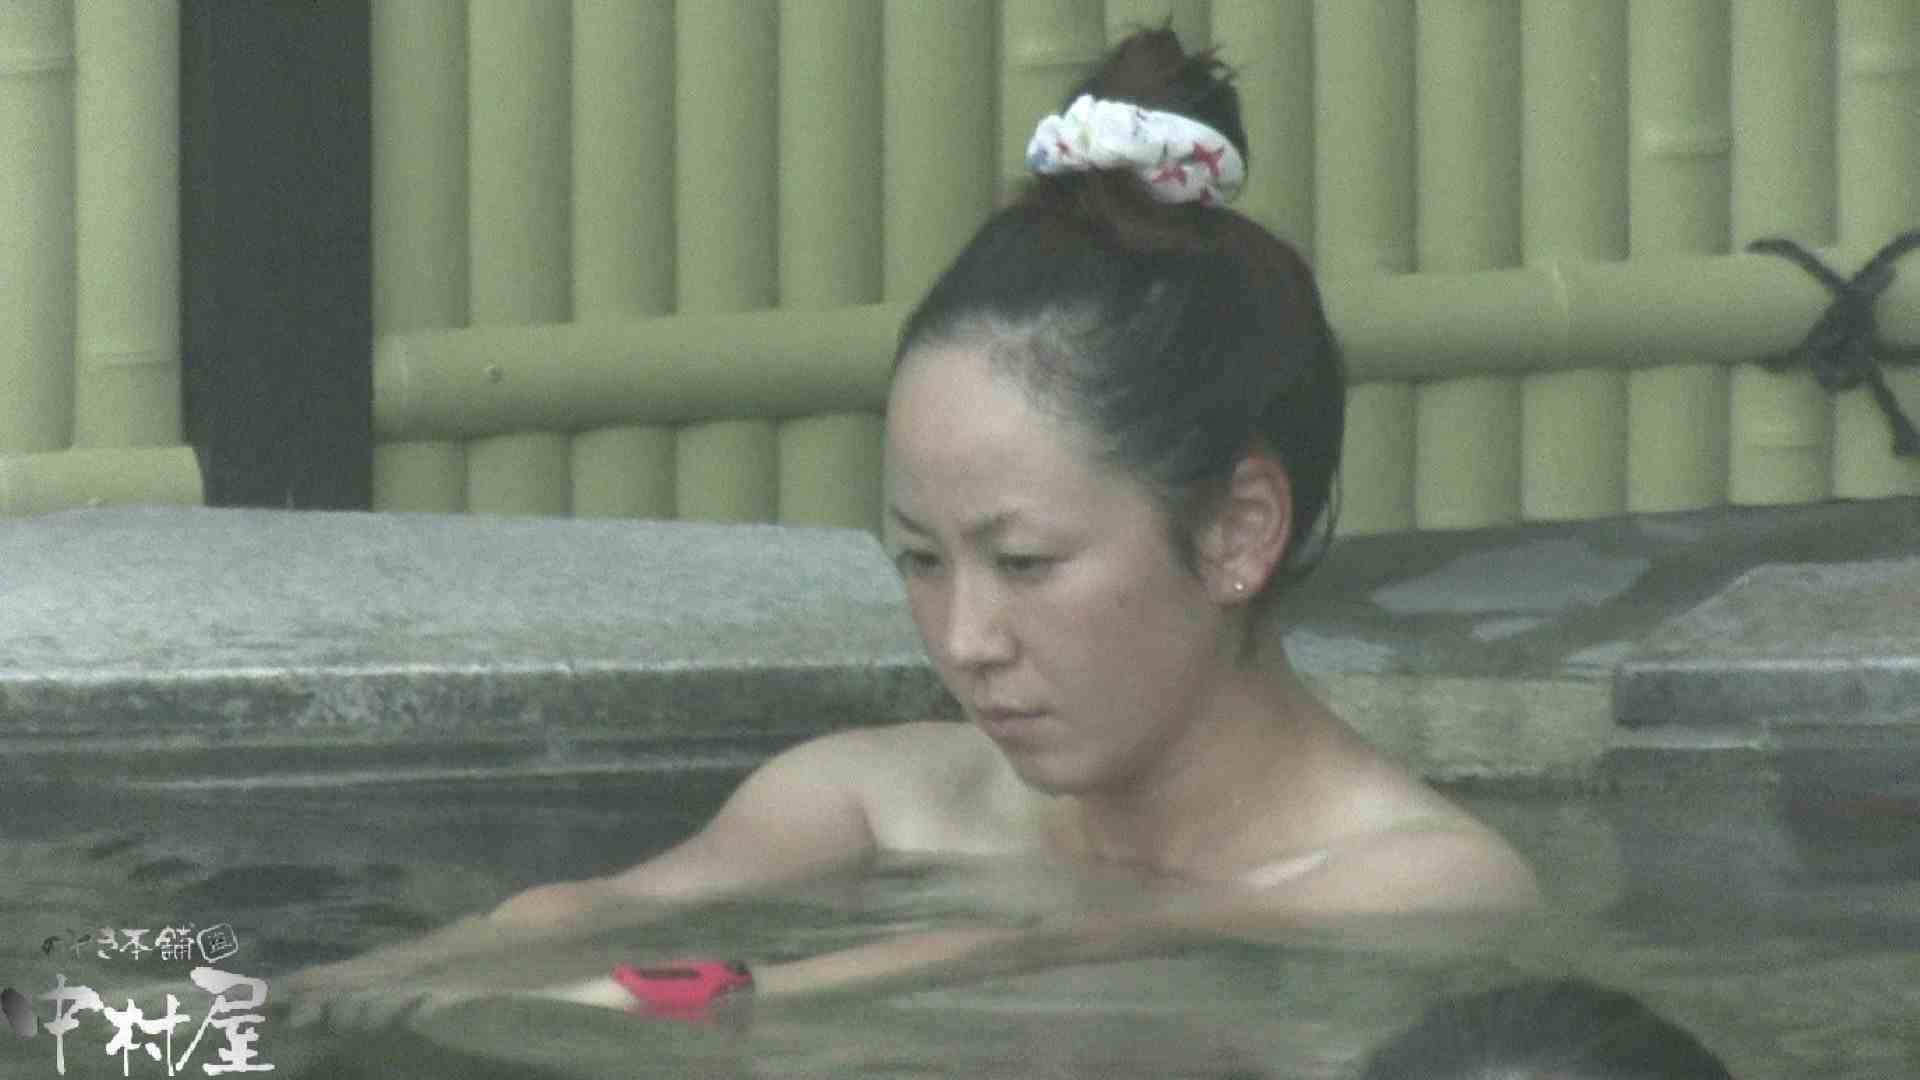 Aquaな露天風呂Vol.911 露天 盗撮動画紹介 81連発 69